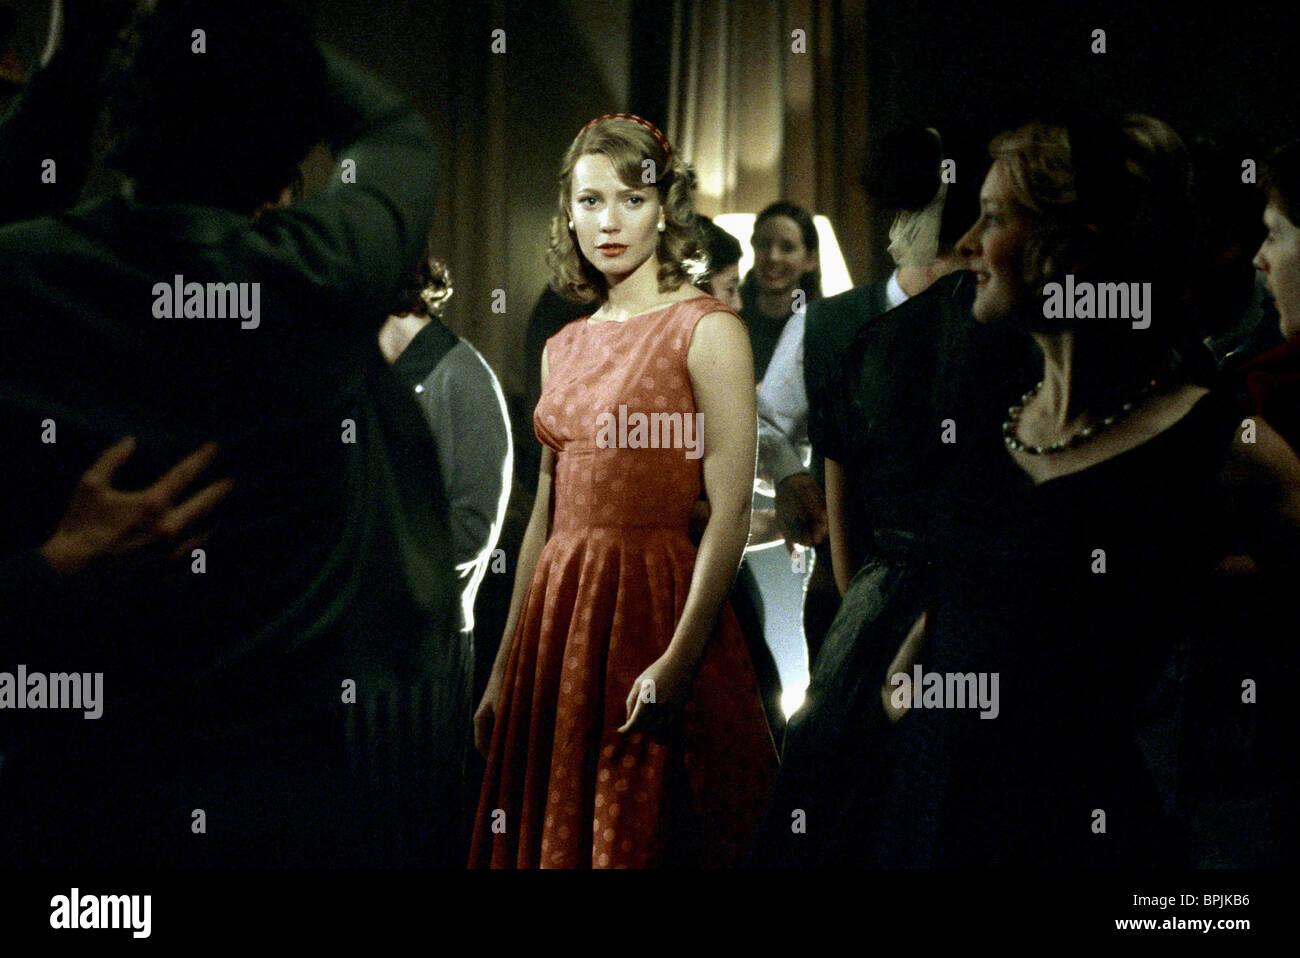 gwyneth-paltrow-sylvia-2003-BPJKB6.jpg